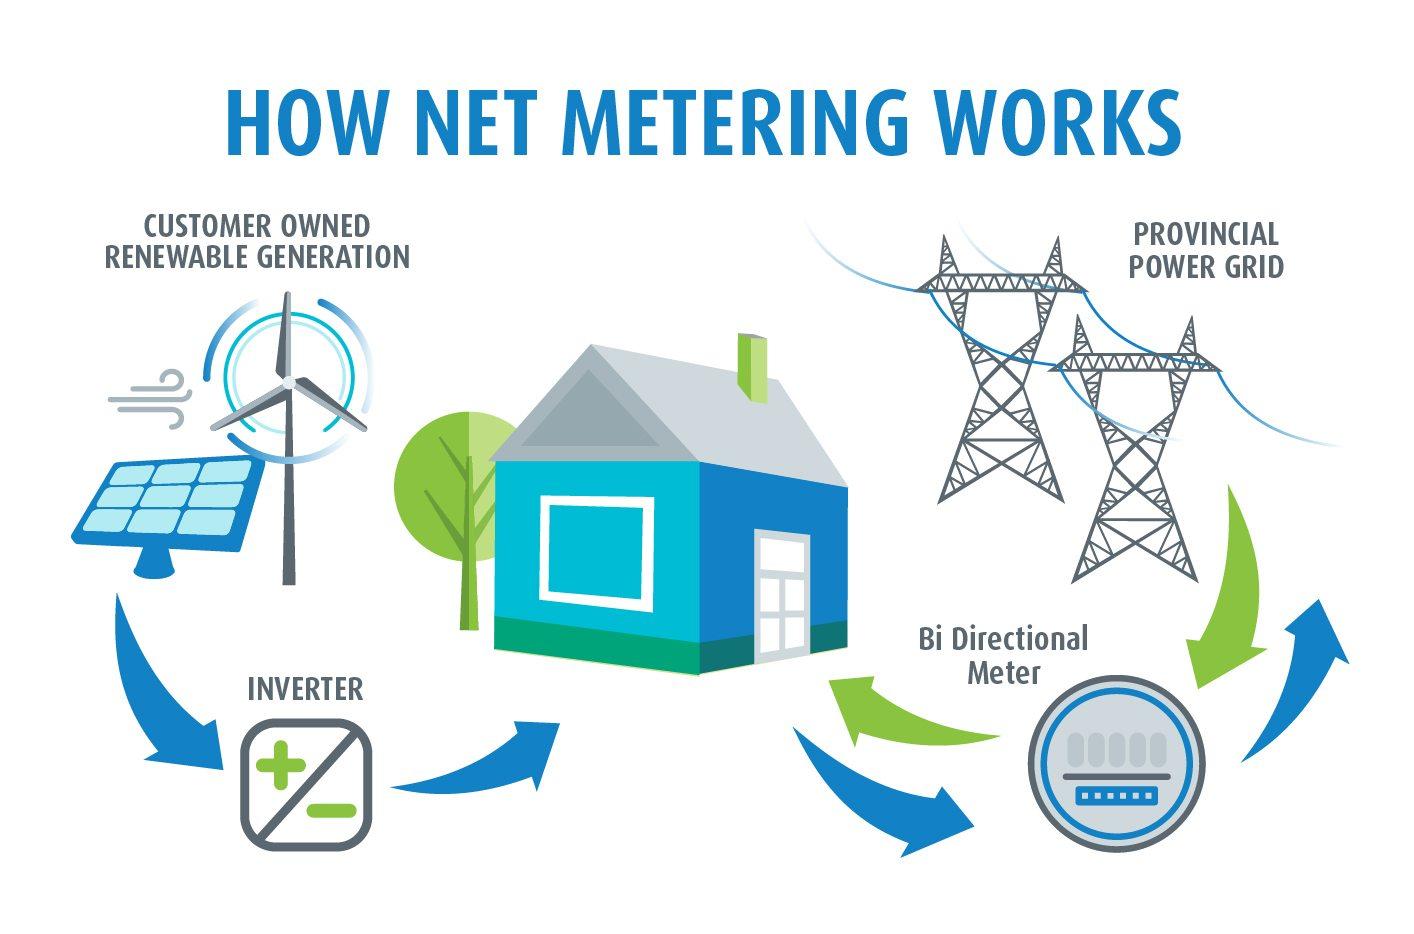 How net metering works